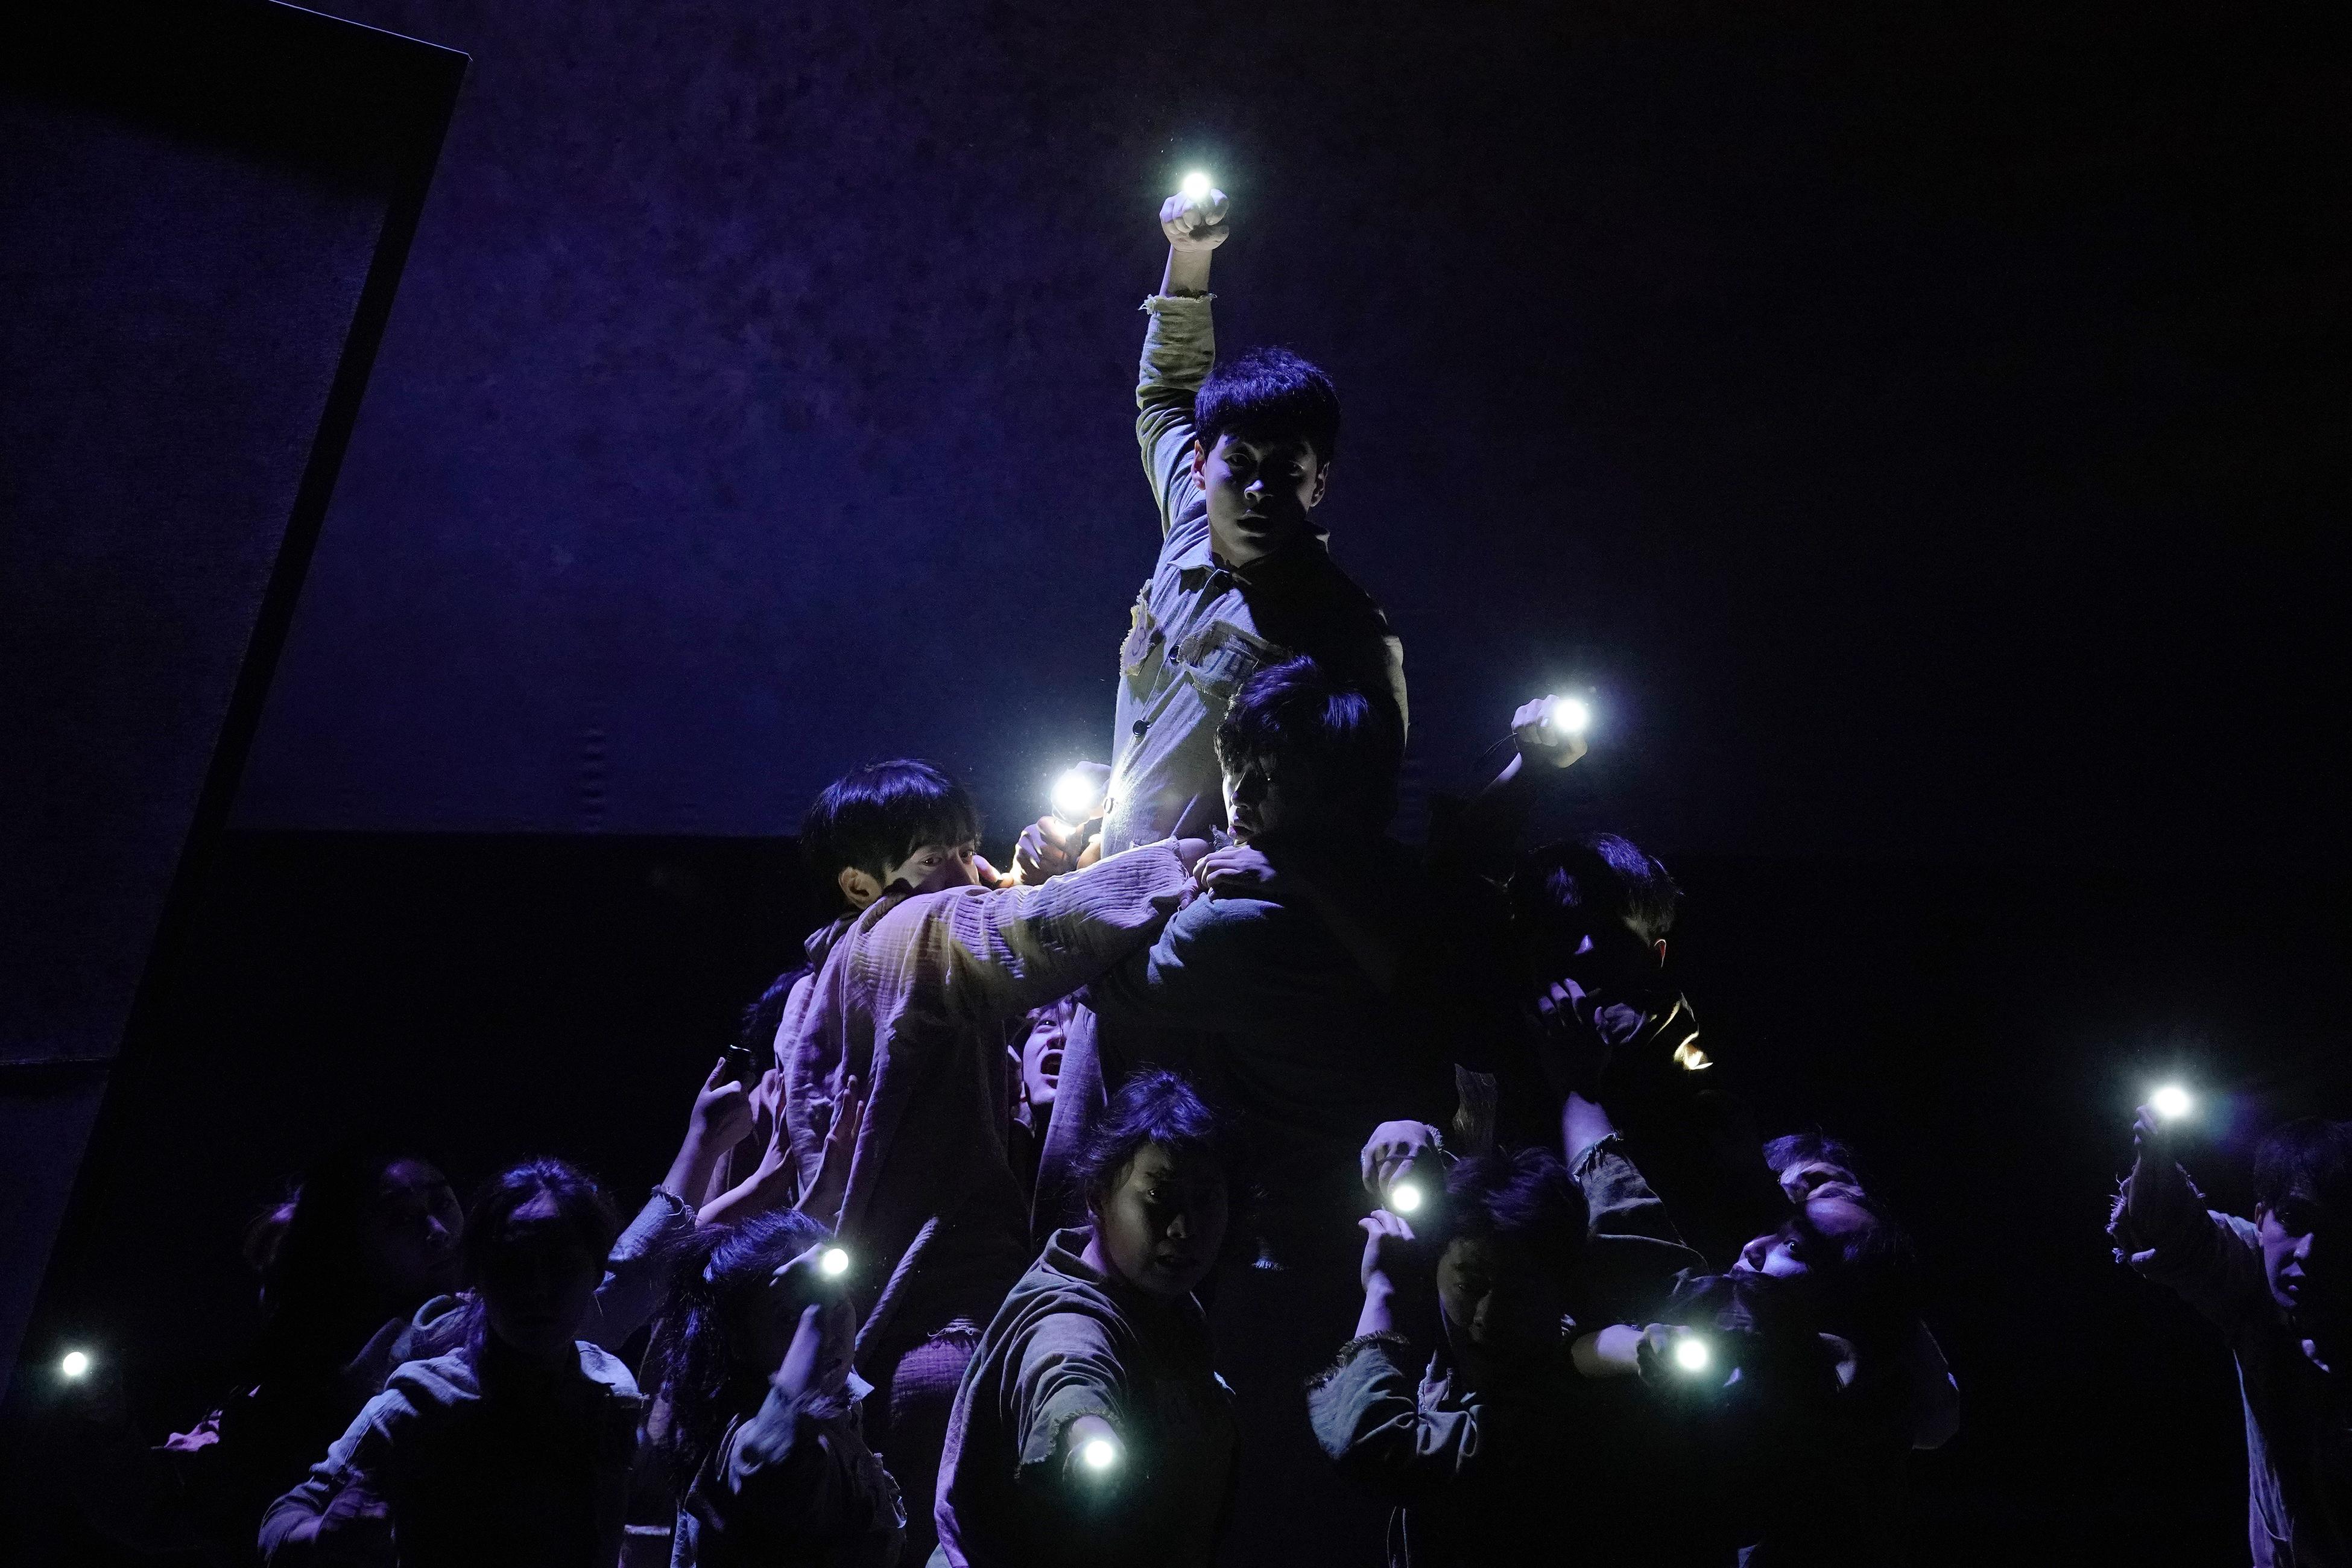 [연극 리뷰] '하거도' : 지옥도는 과연 사라졌는가?